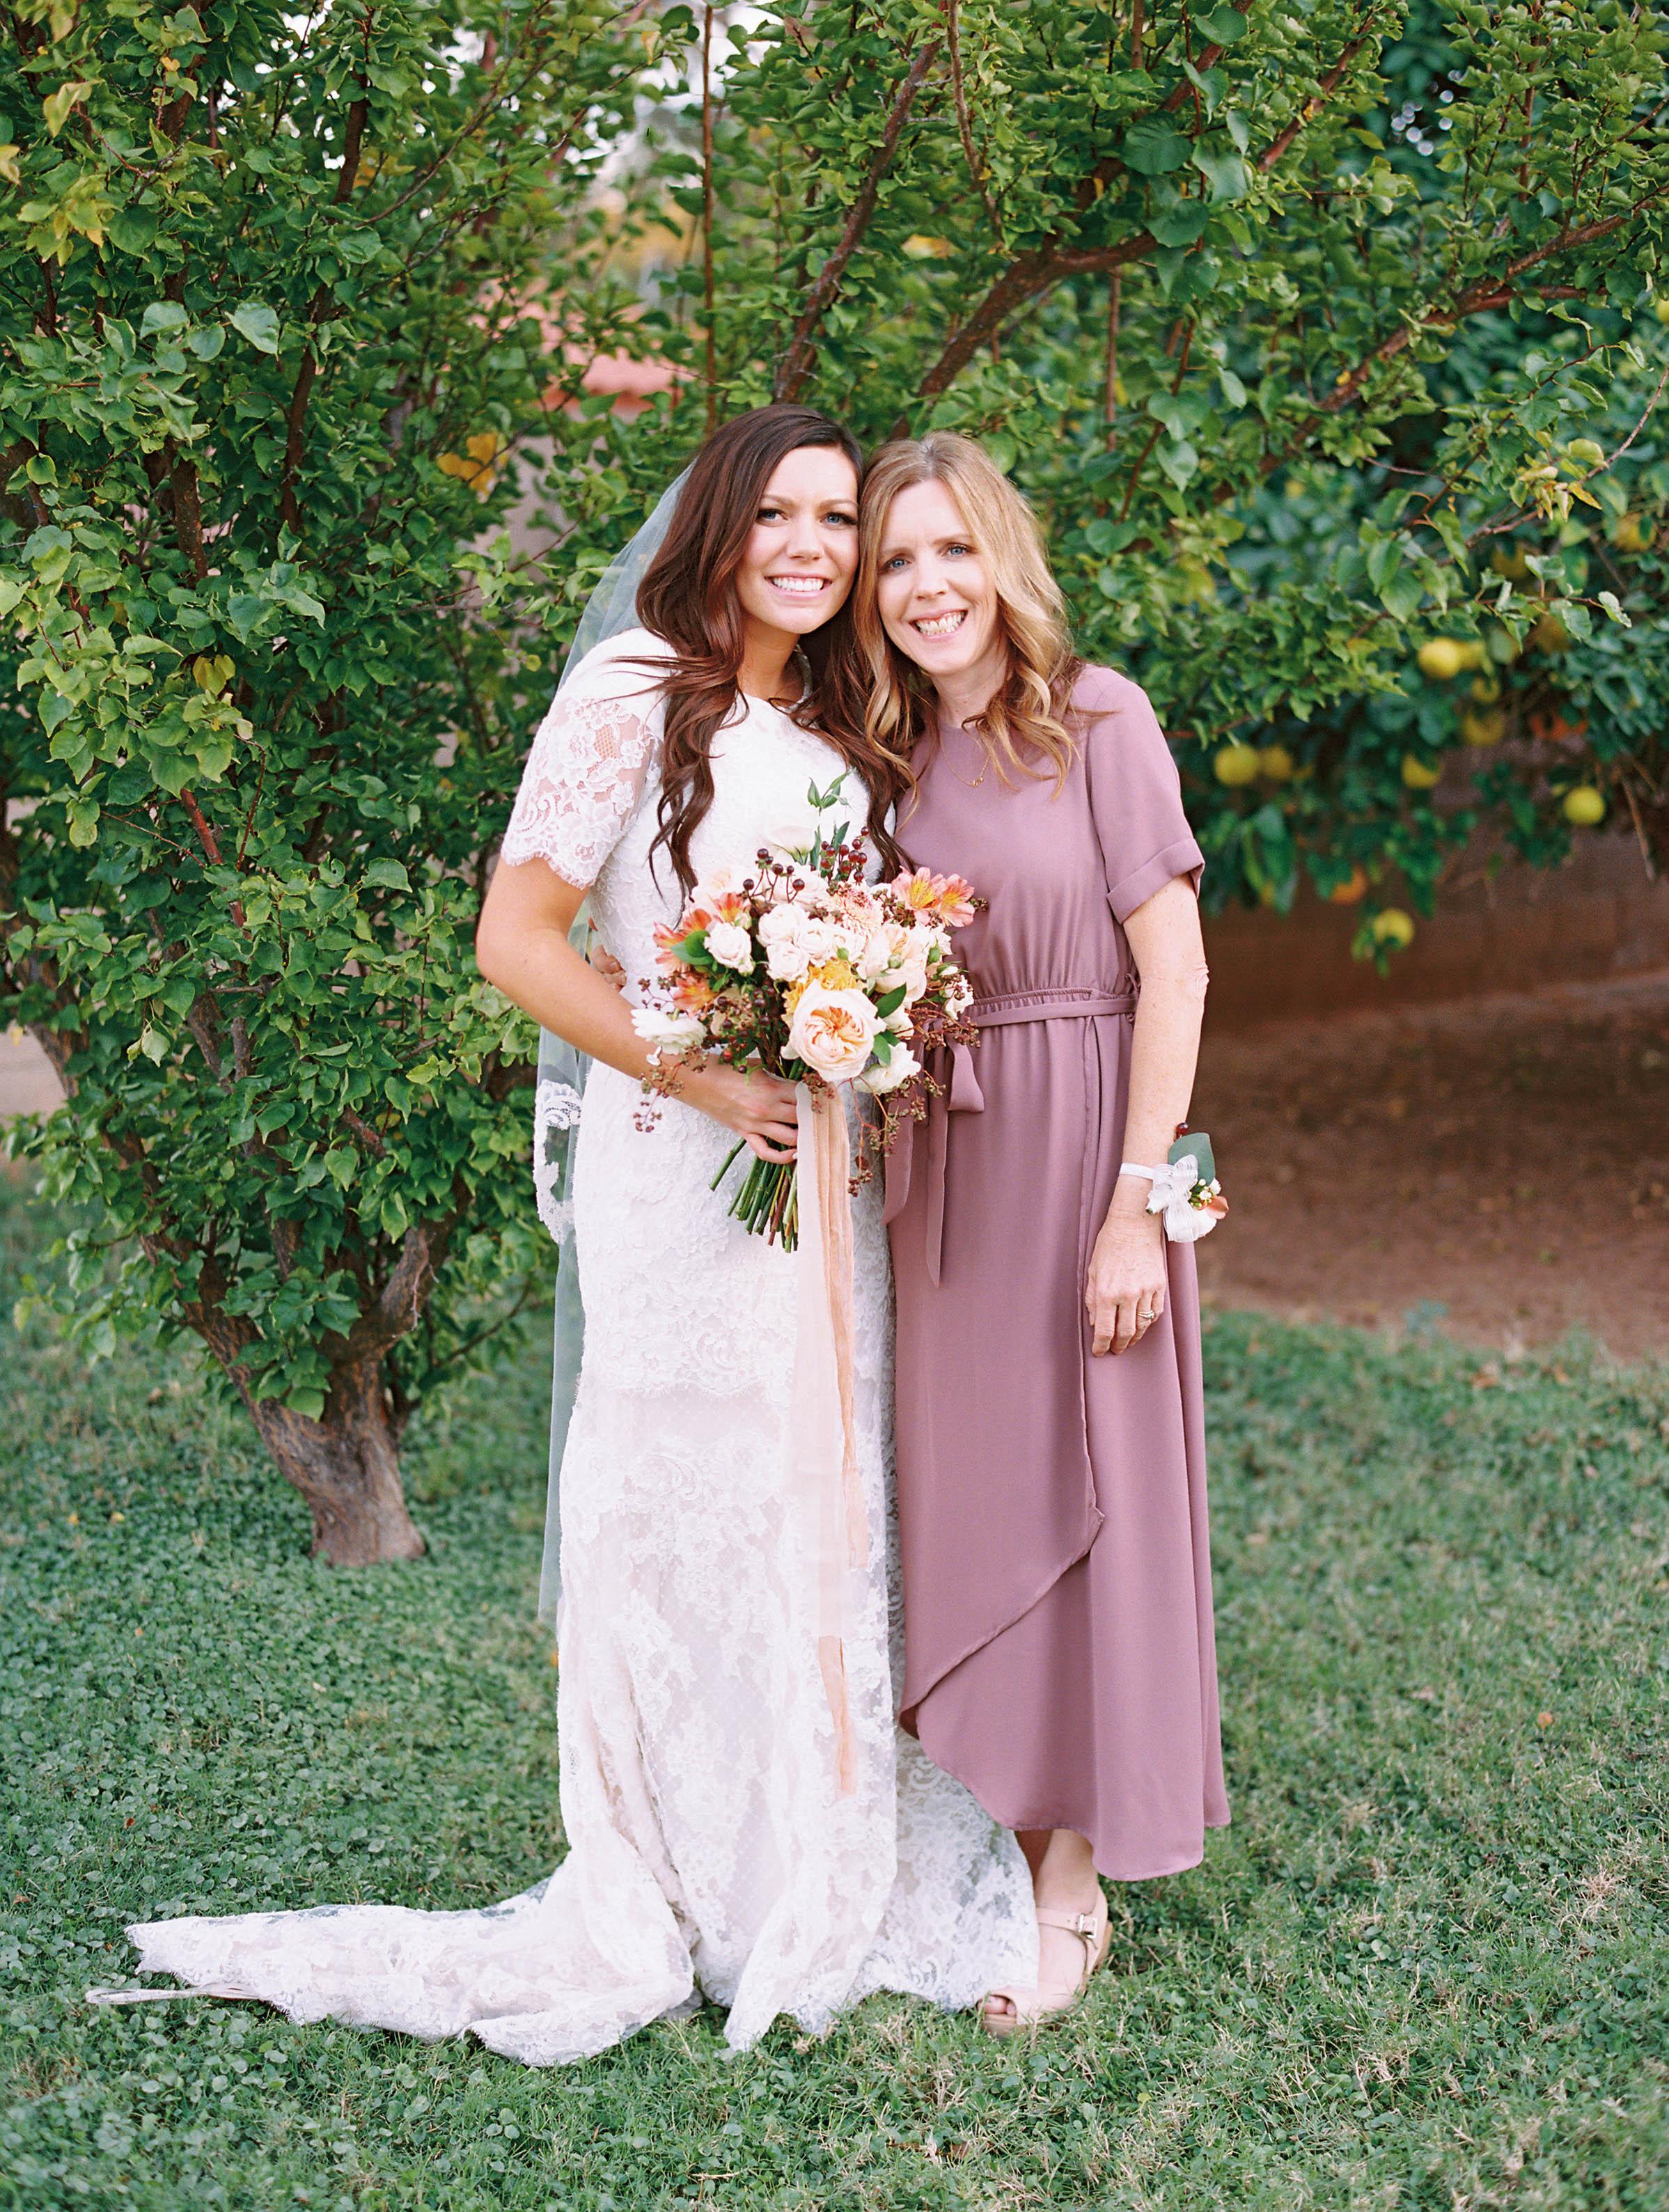 kelsandmichael_weddingphotography_coffey-105.jpg